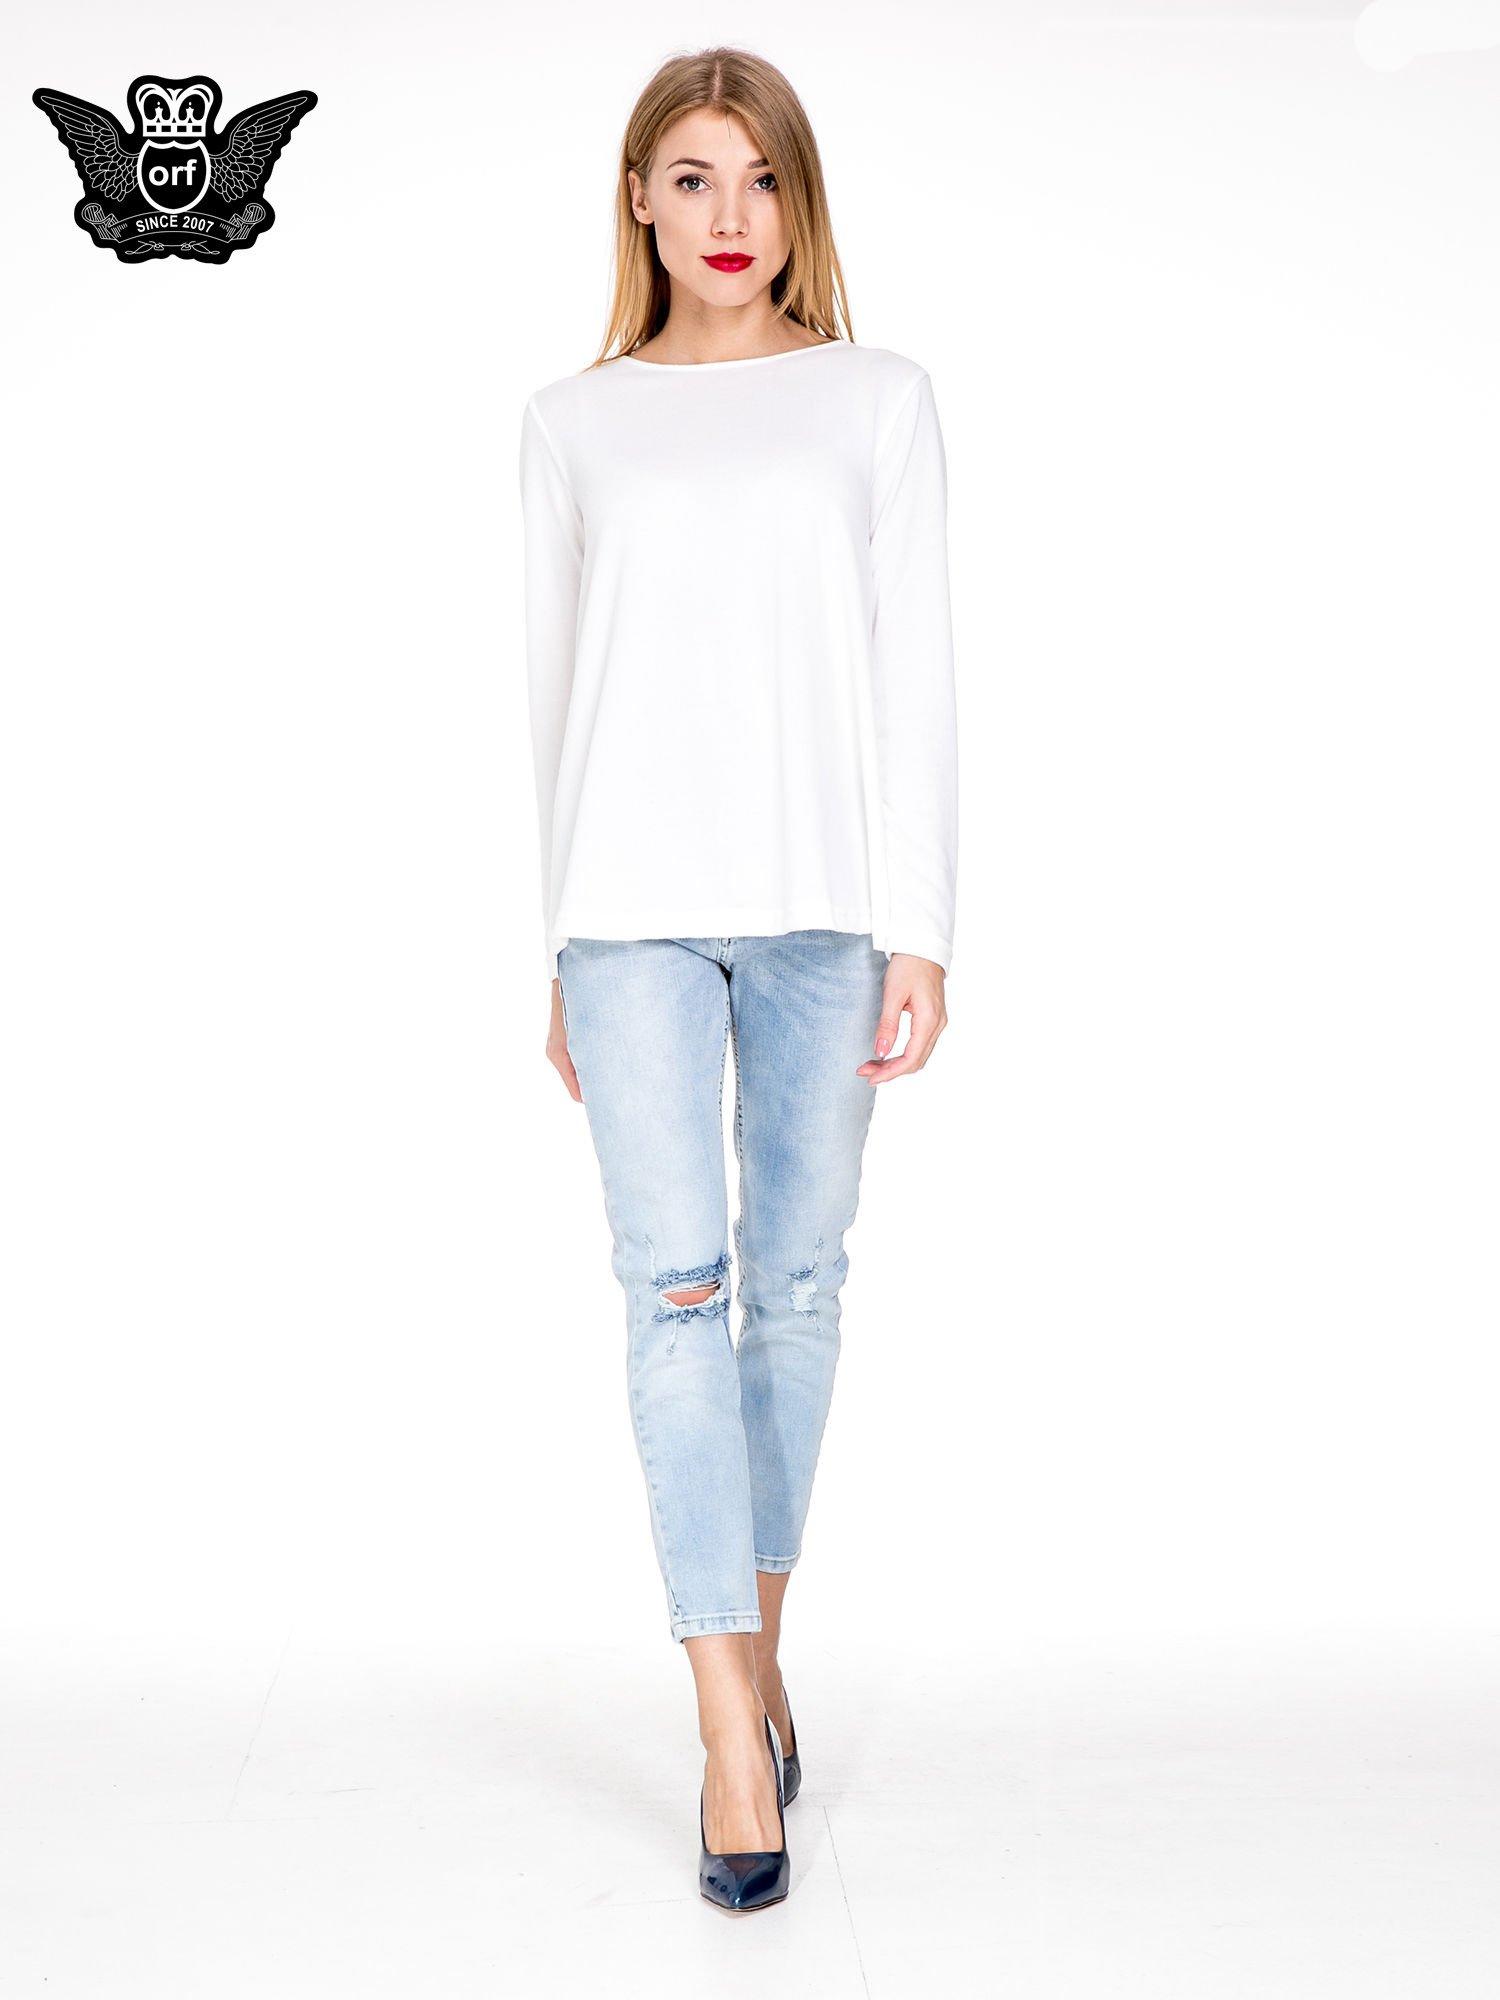 Jasnoniebieskie spodnie jeasnowe o prostej nogawce z rocięciem na kolanie                                  zdj.                                  2